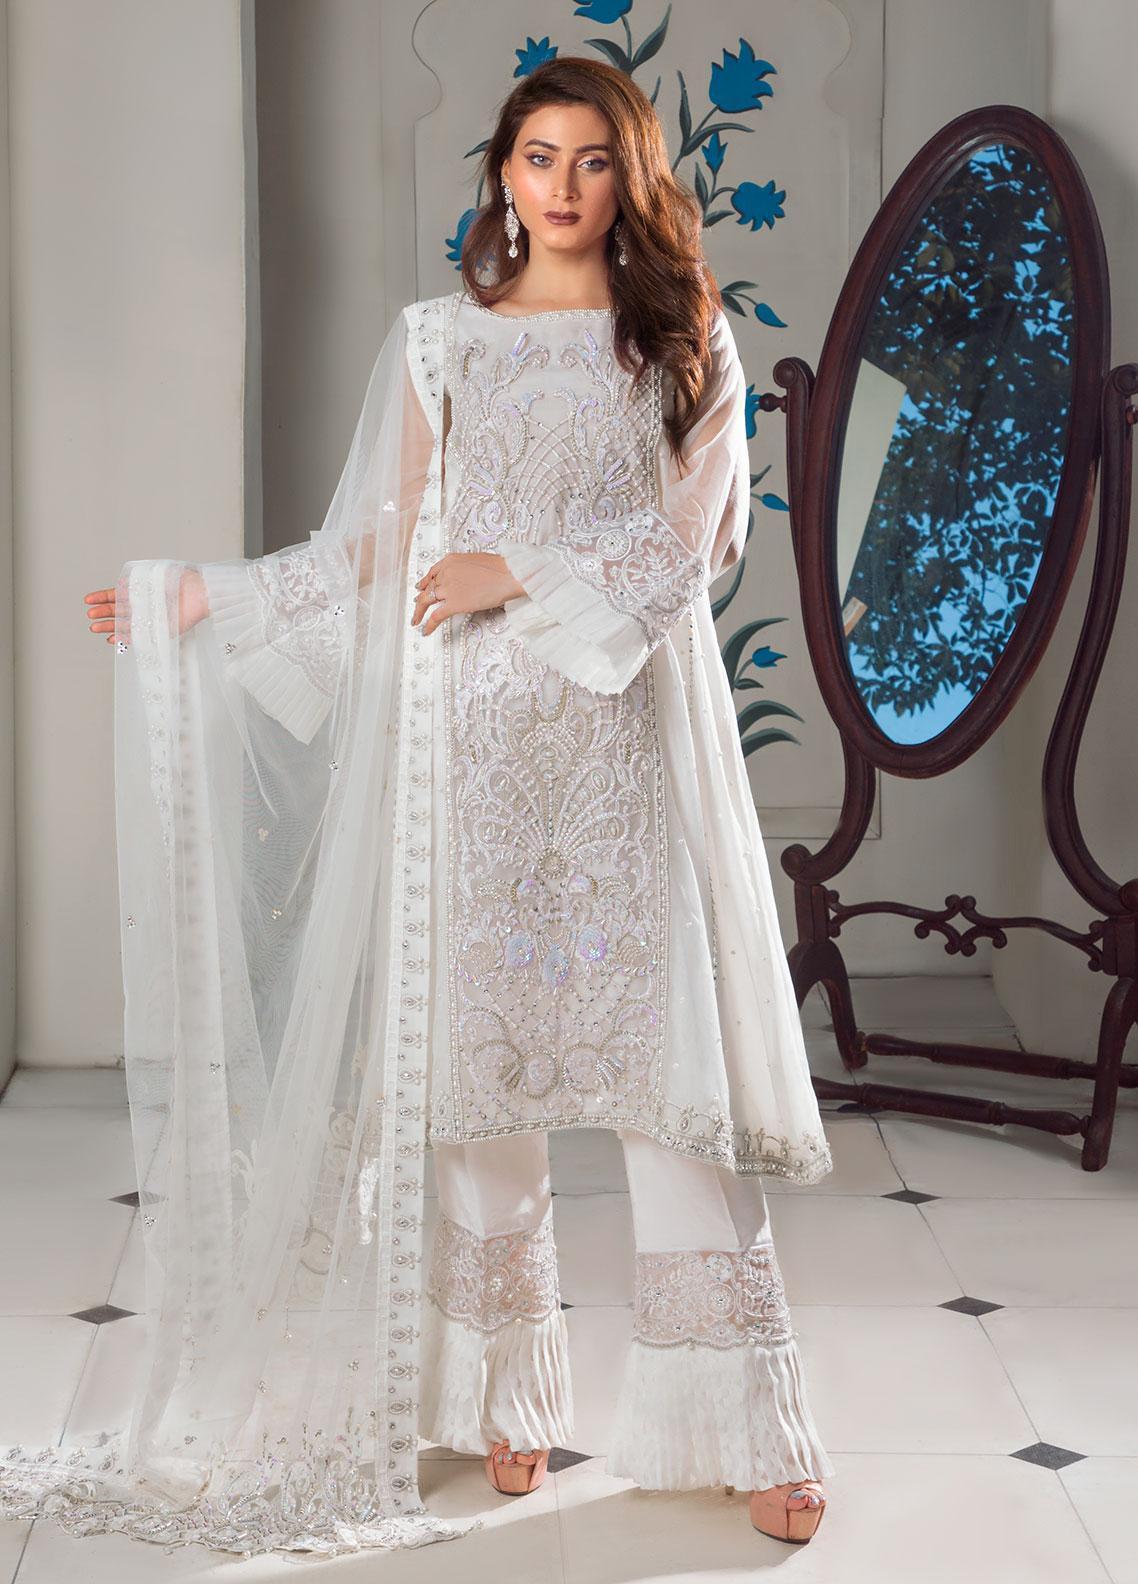 Surmai Luxury Pret Embroidered Organza 3 Piece Dress SLP-03